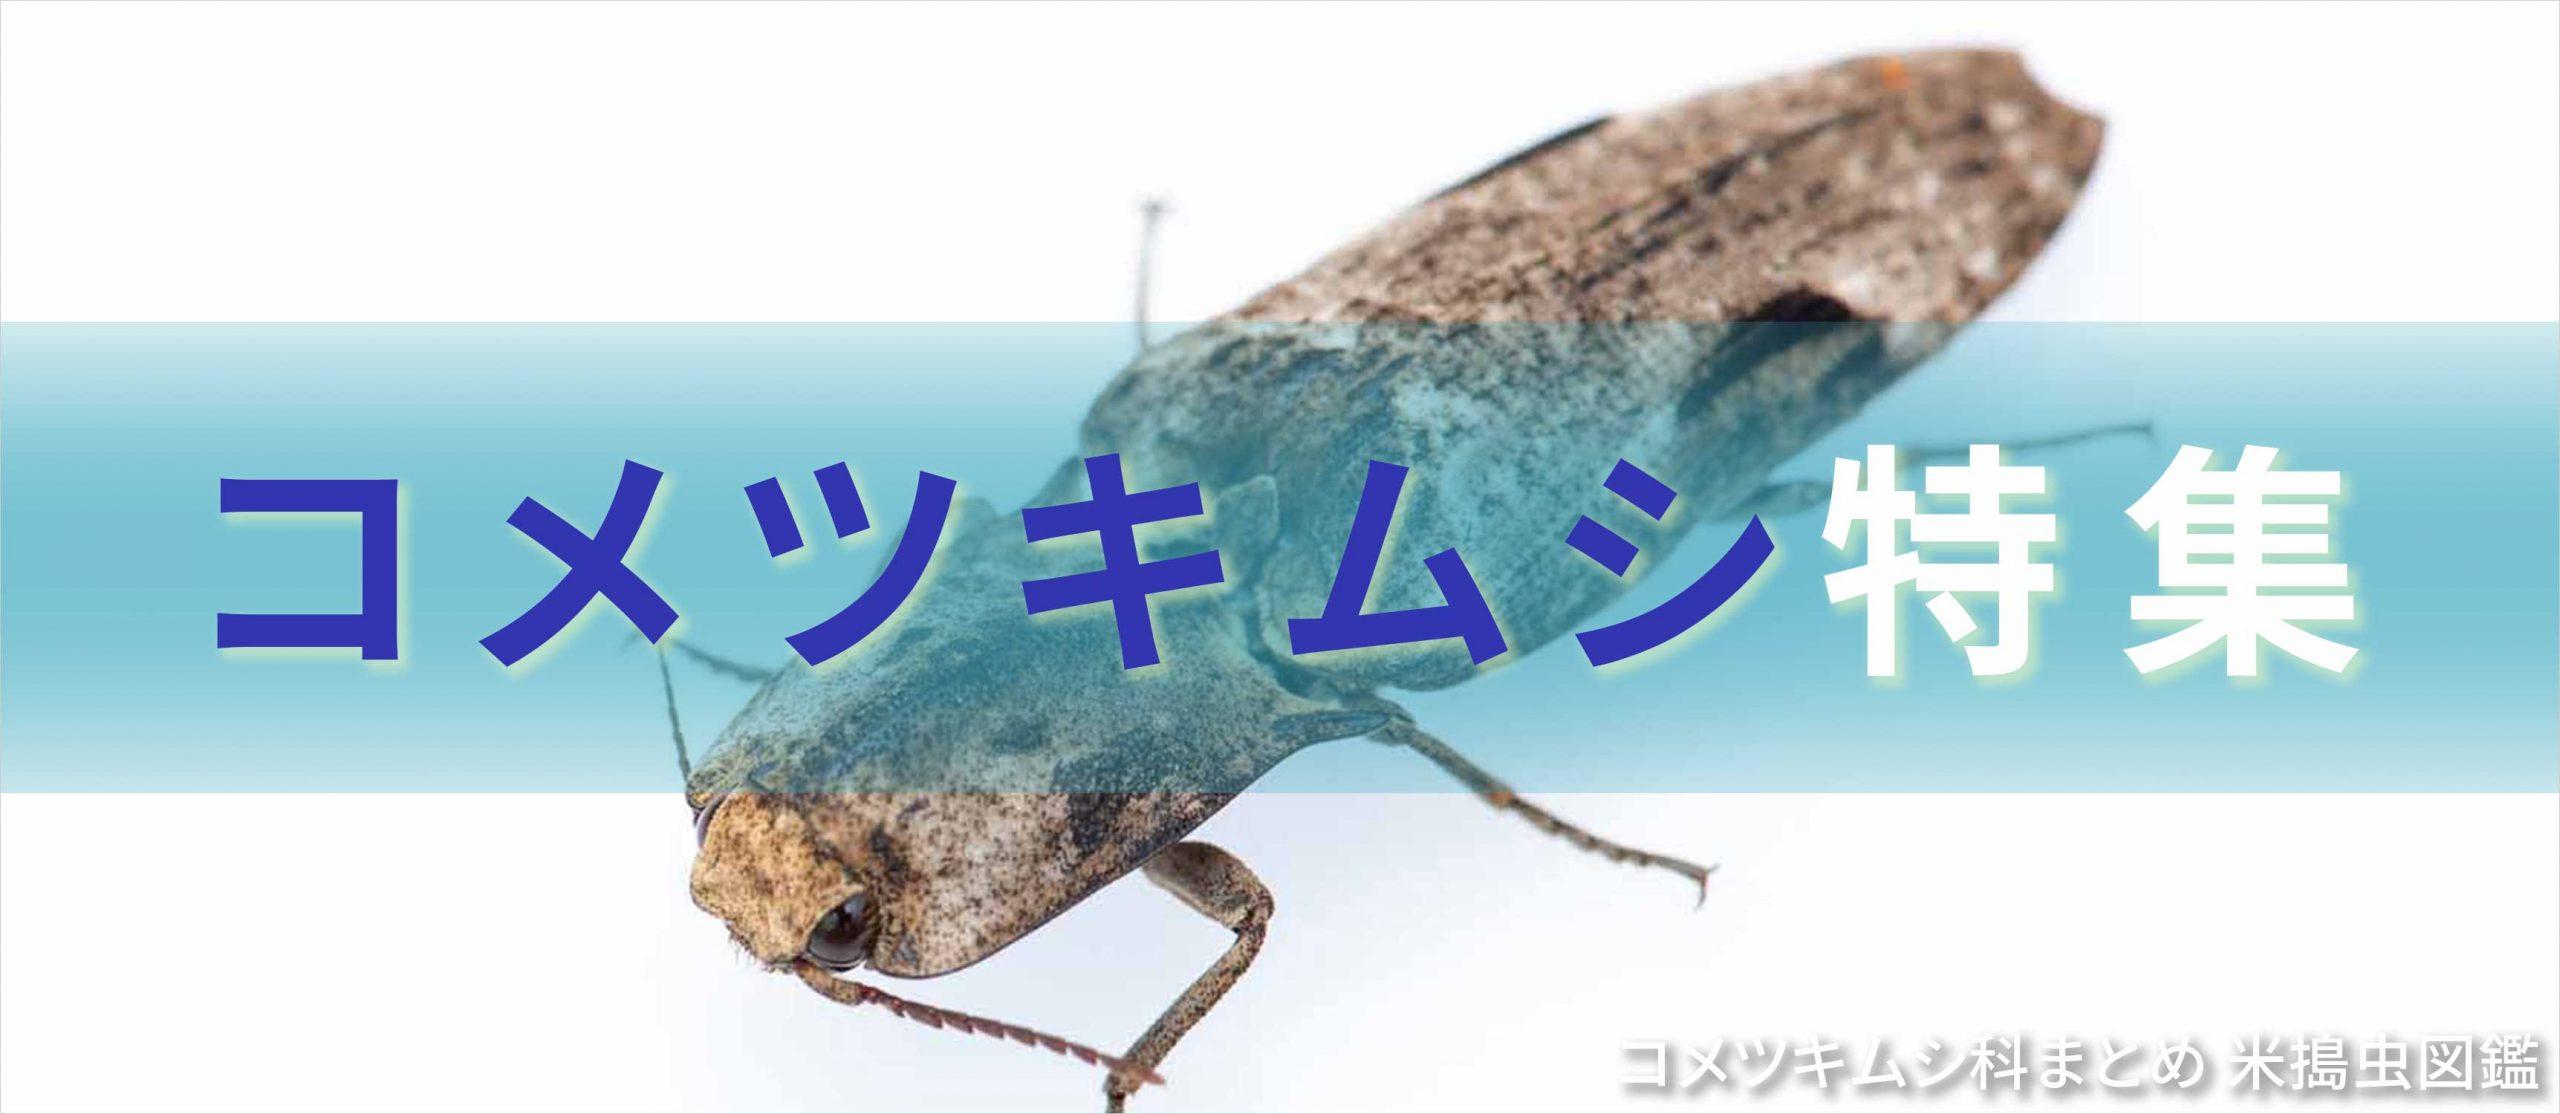 コメツキムシ特集のバナー画像